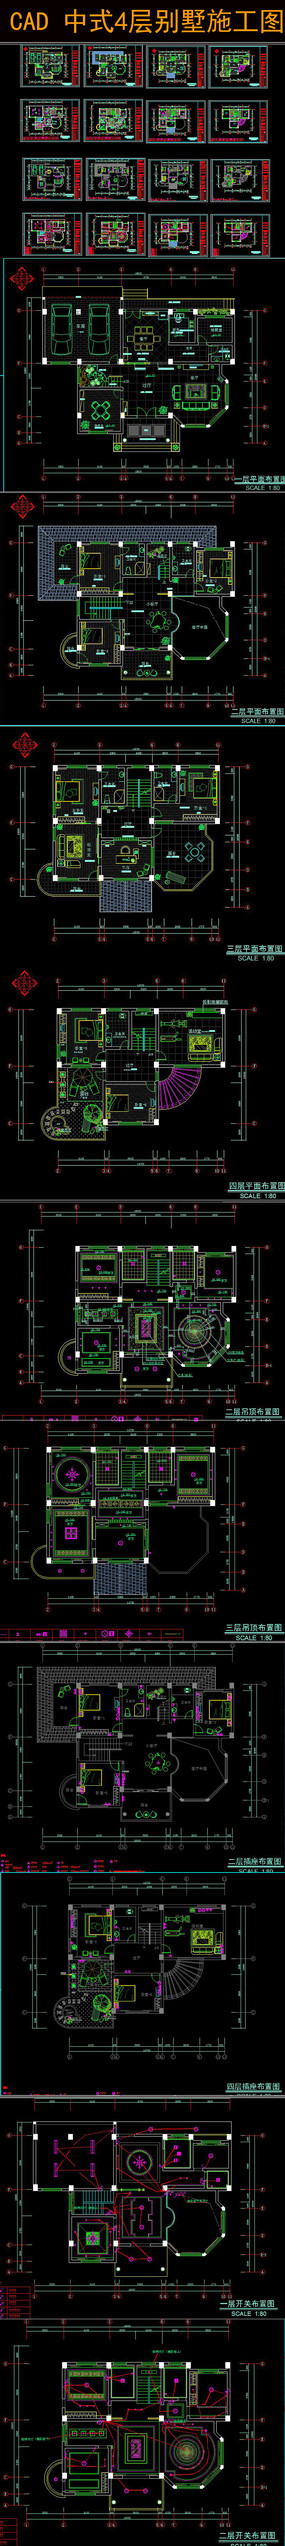 CAD中式别墅施工图节点大样